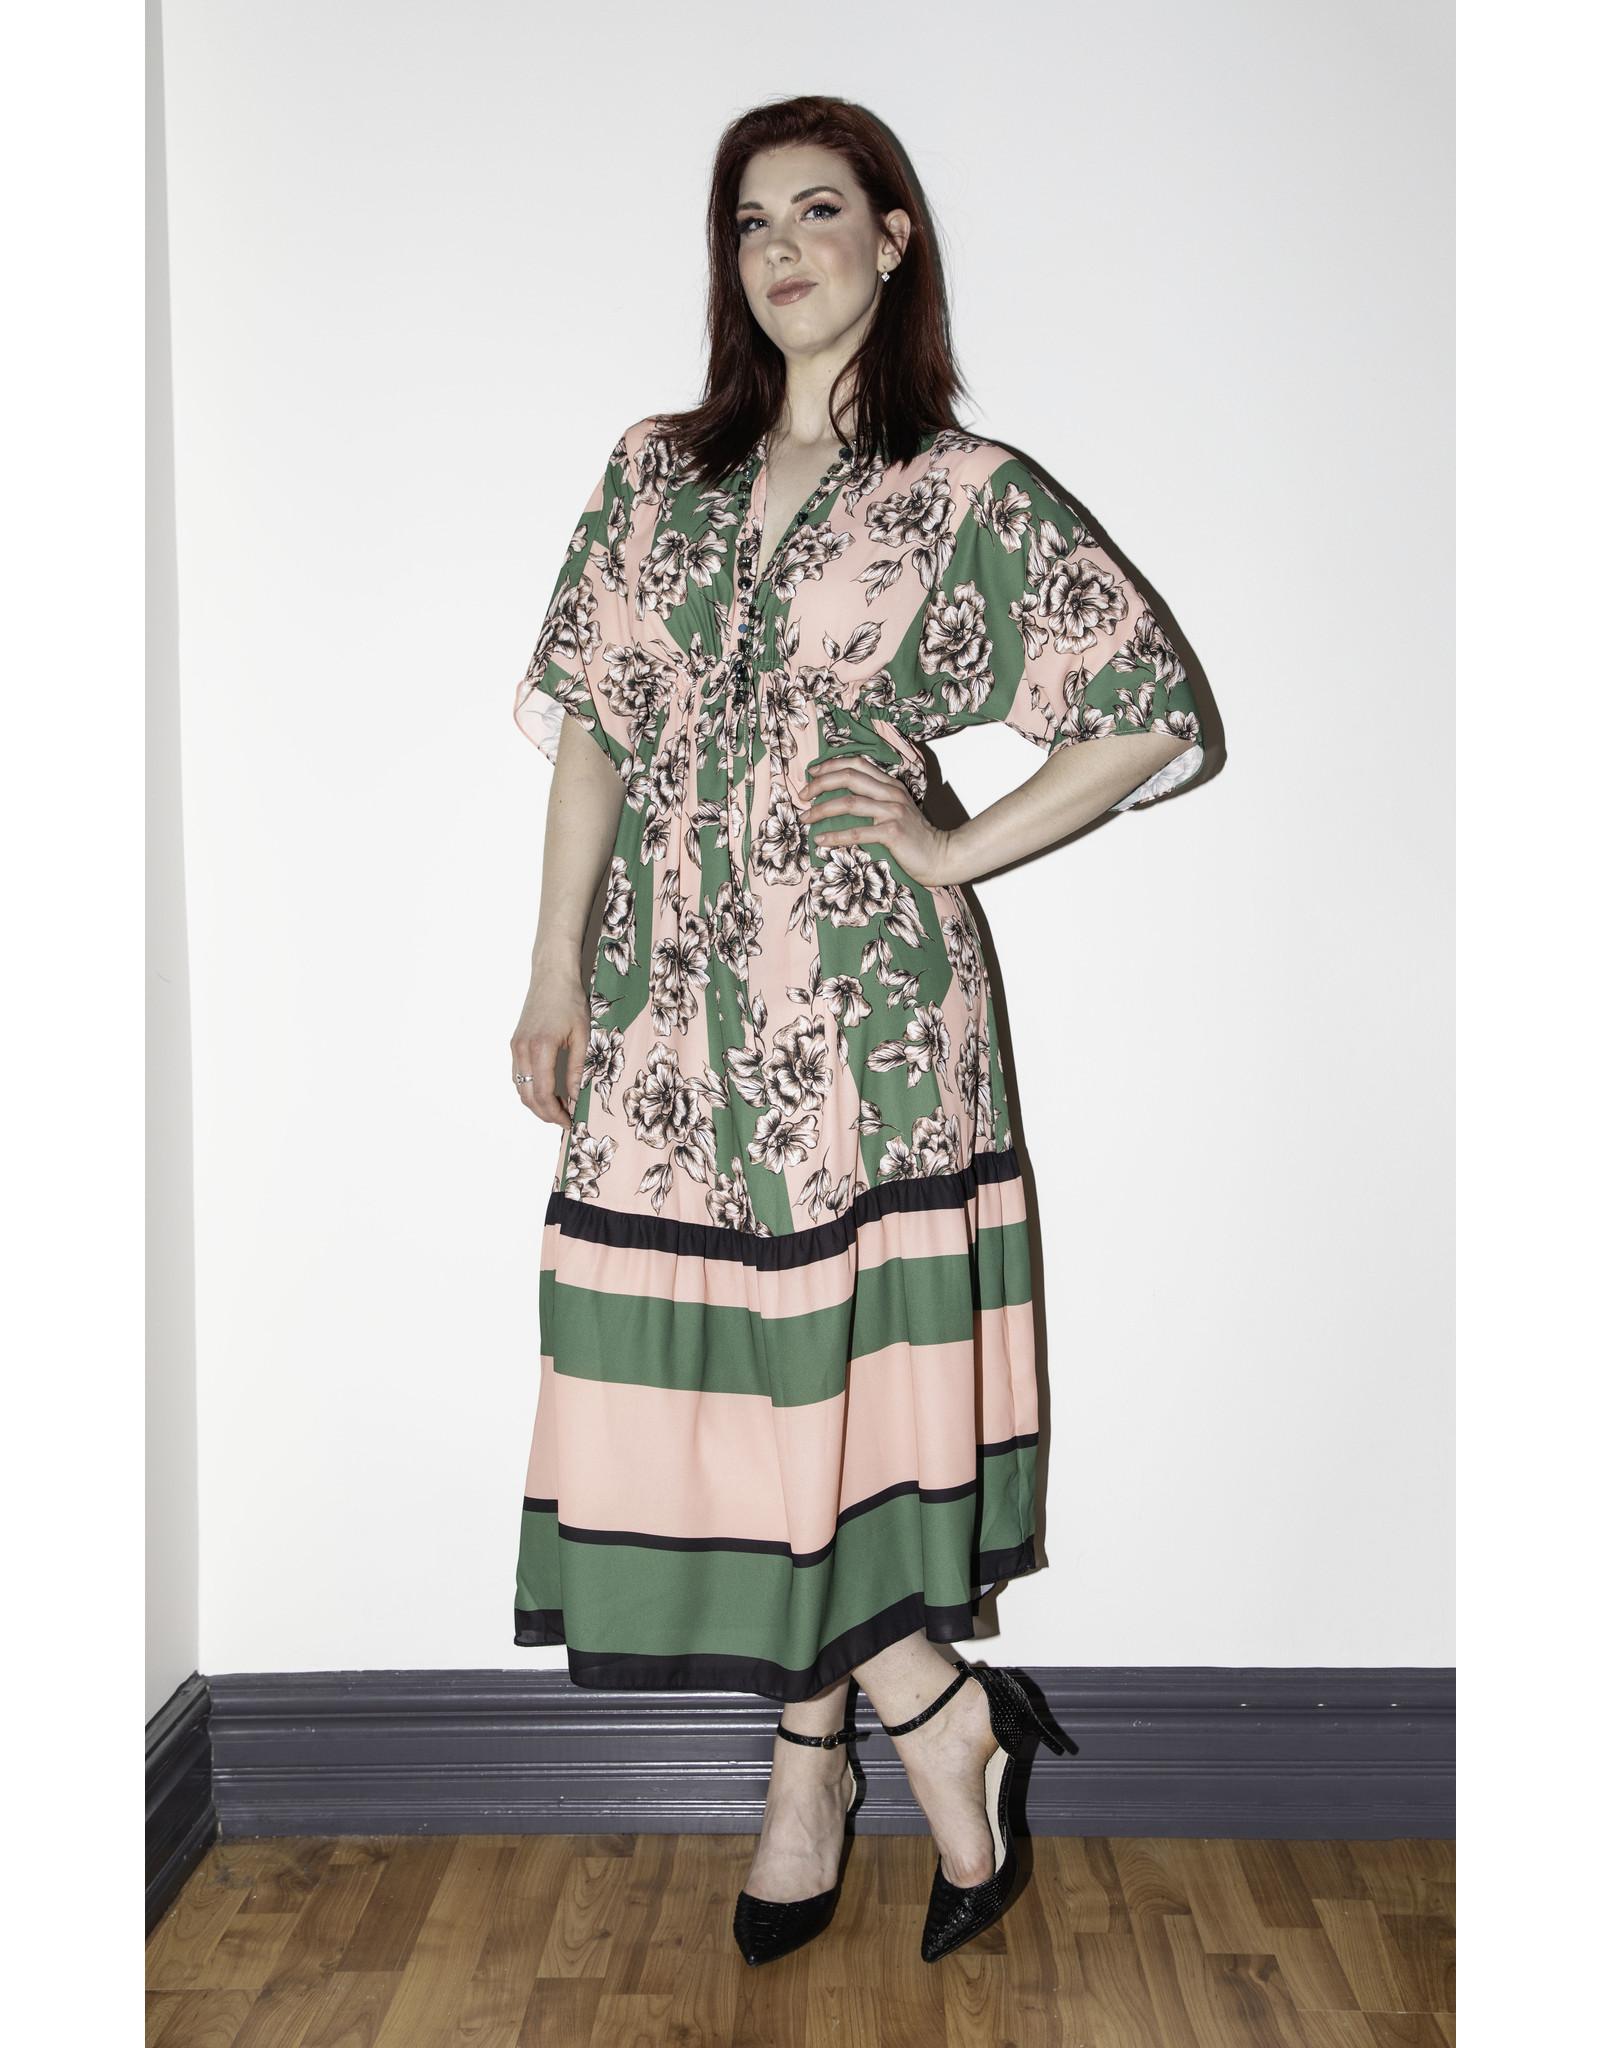 Sybil Dress